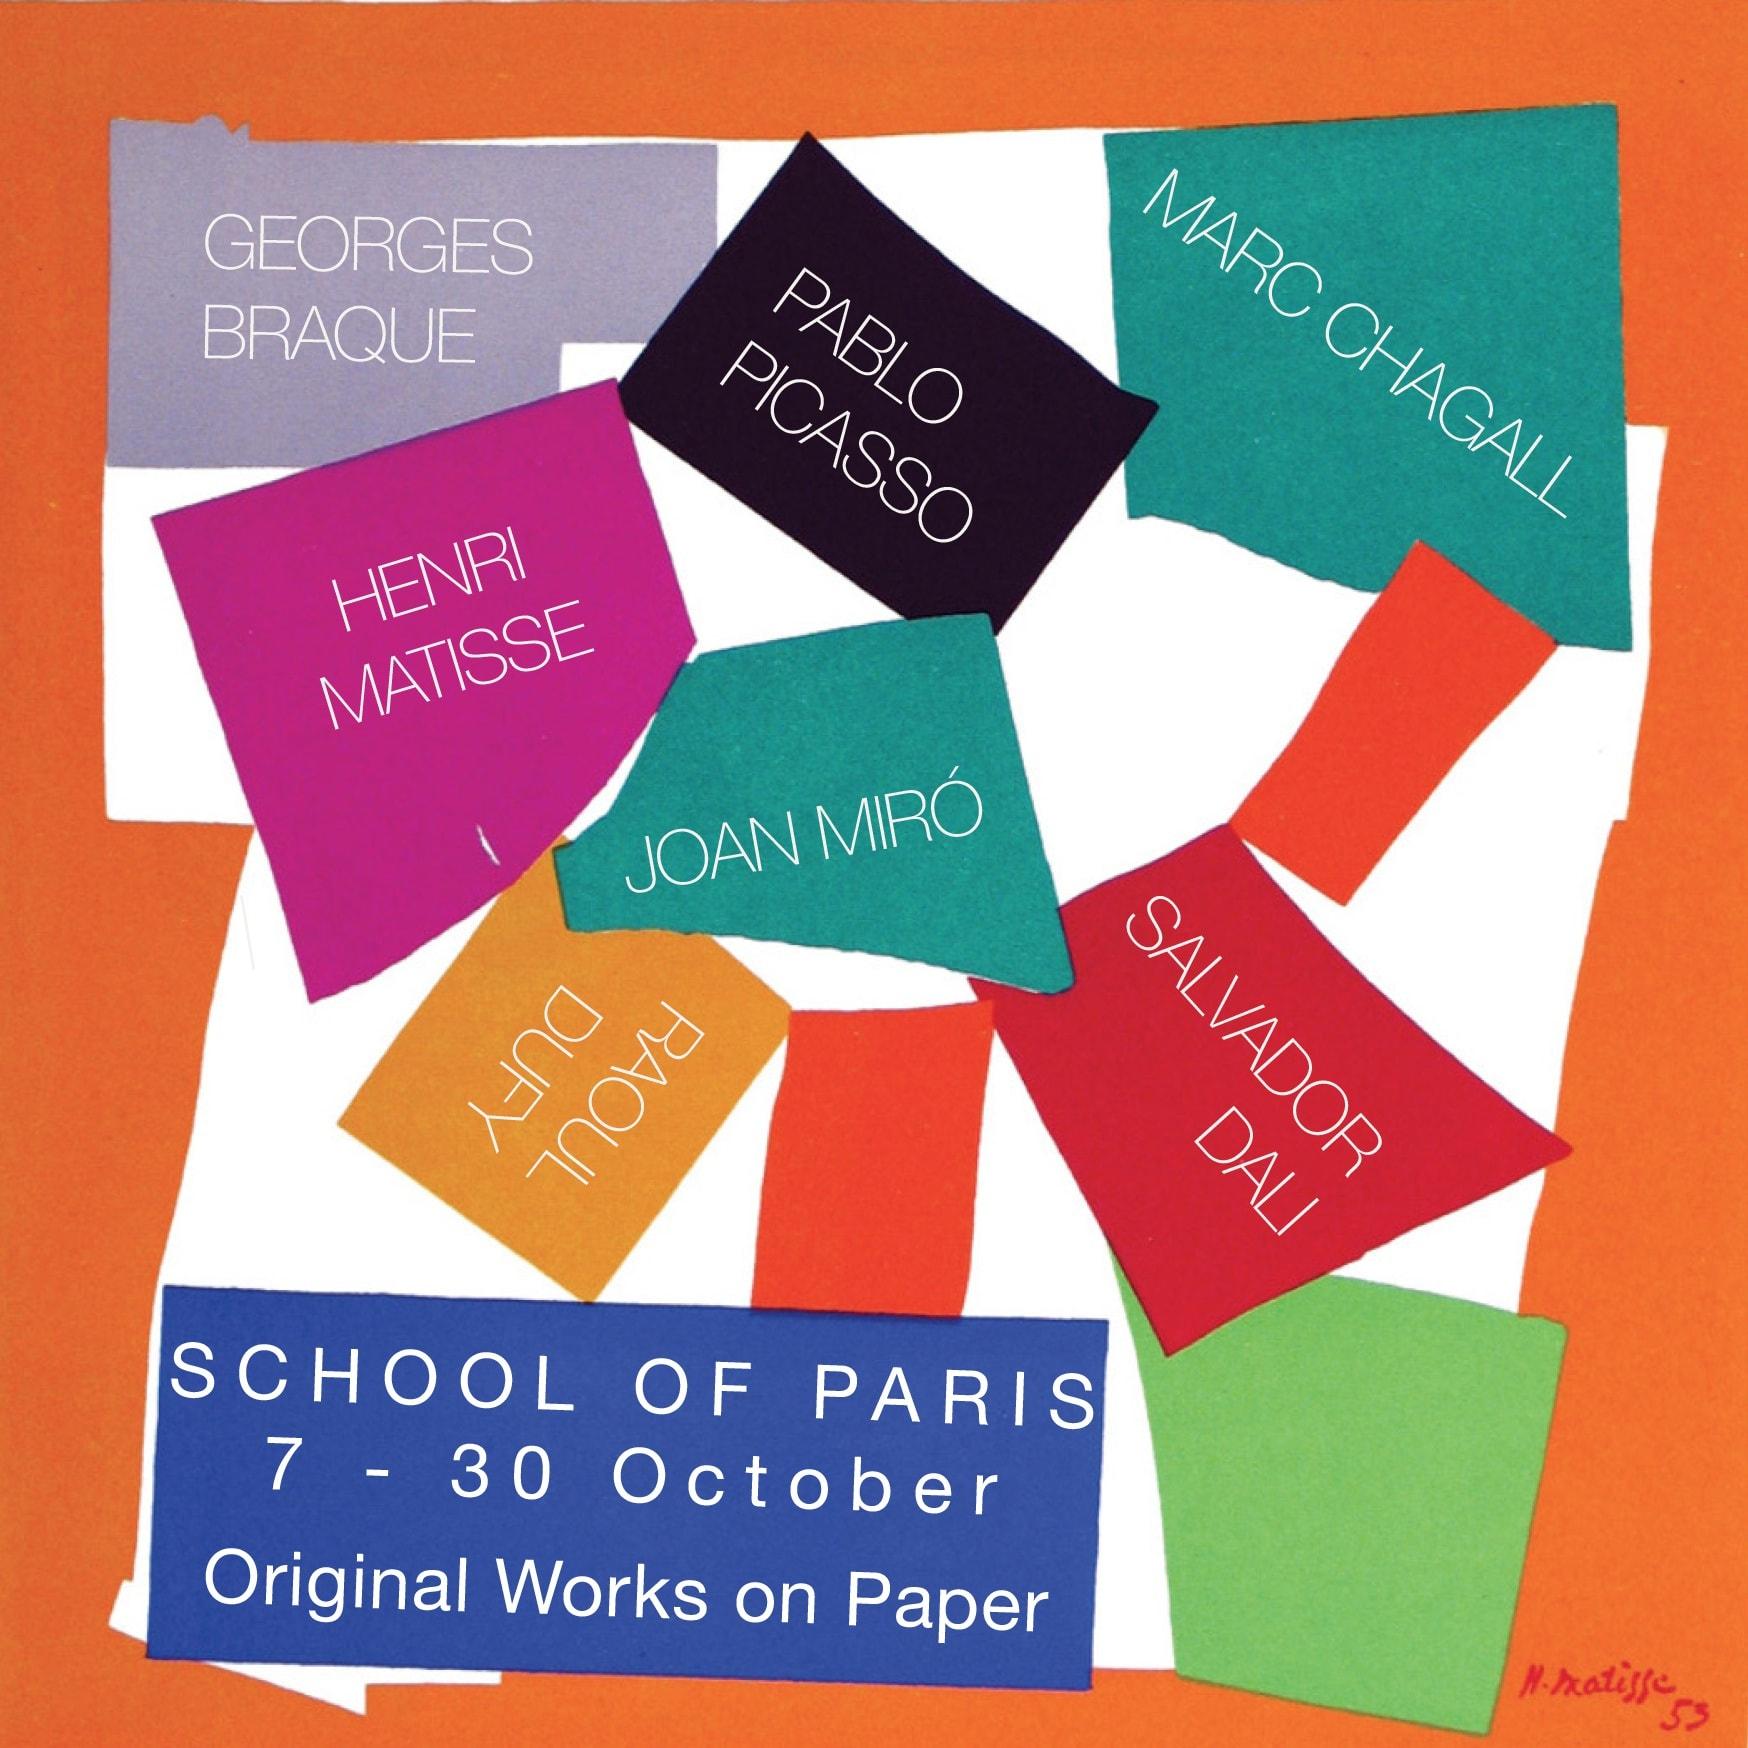 The School of Paris